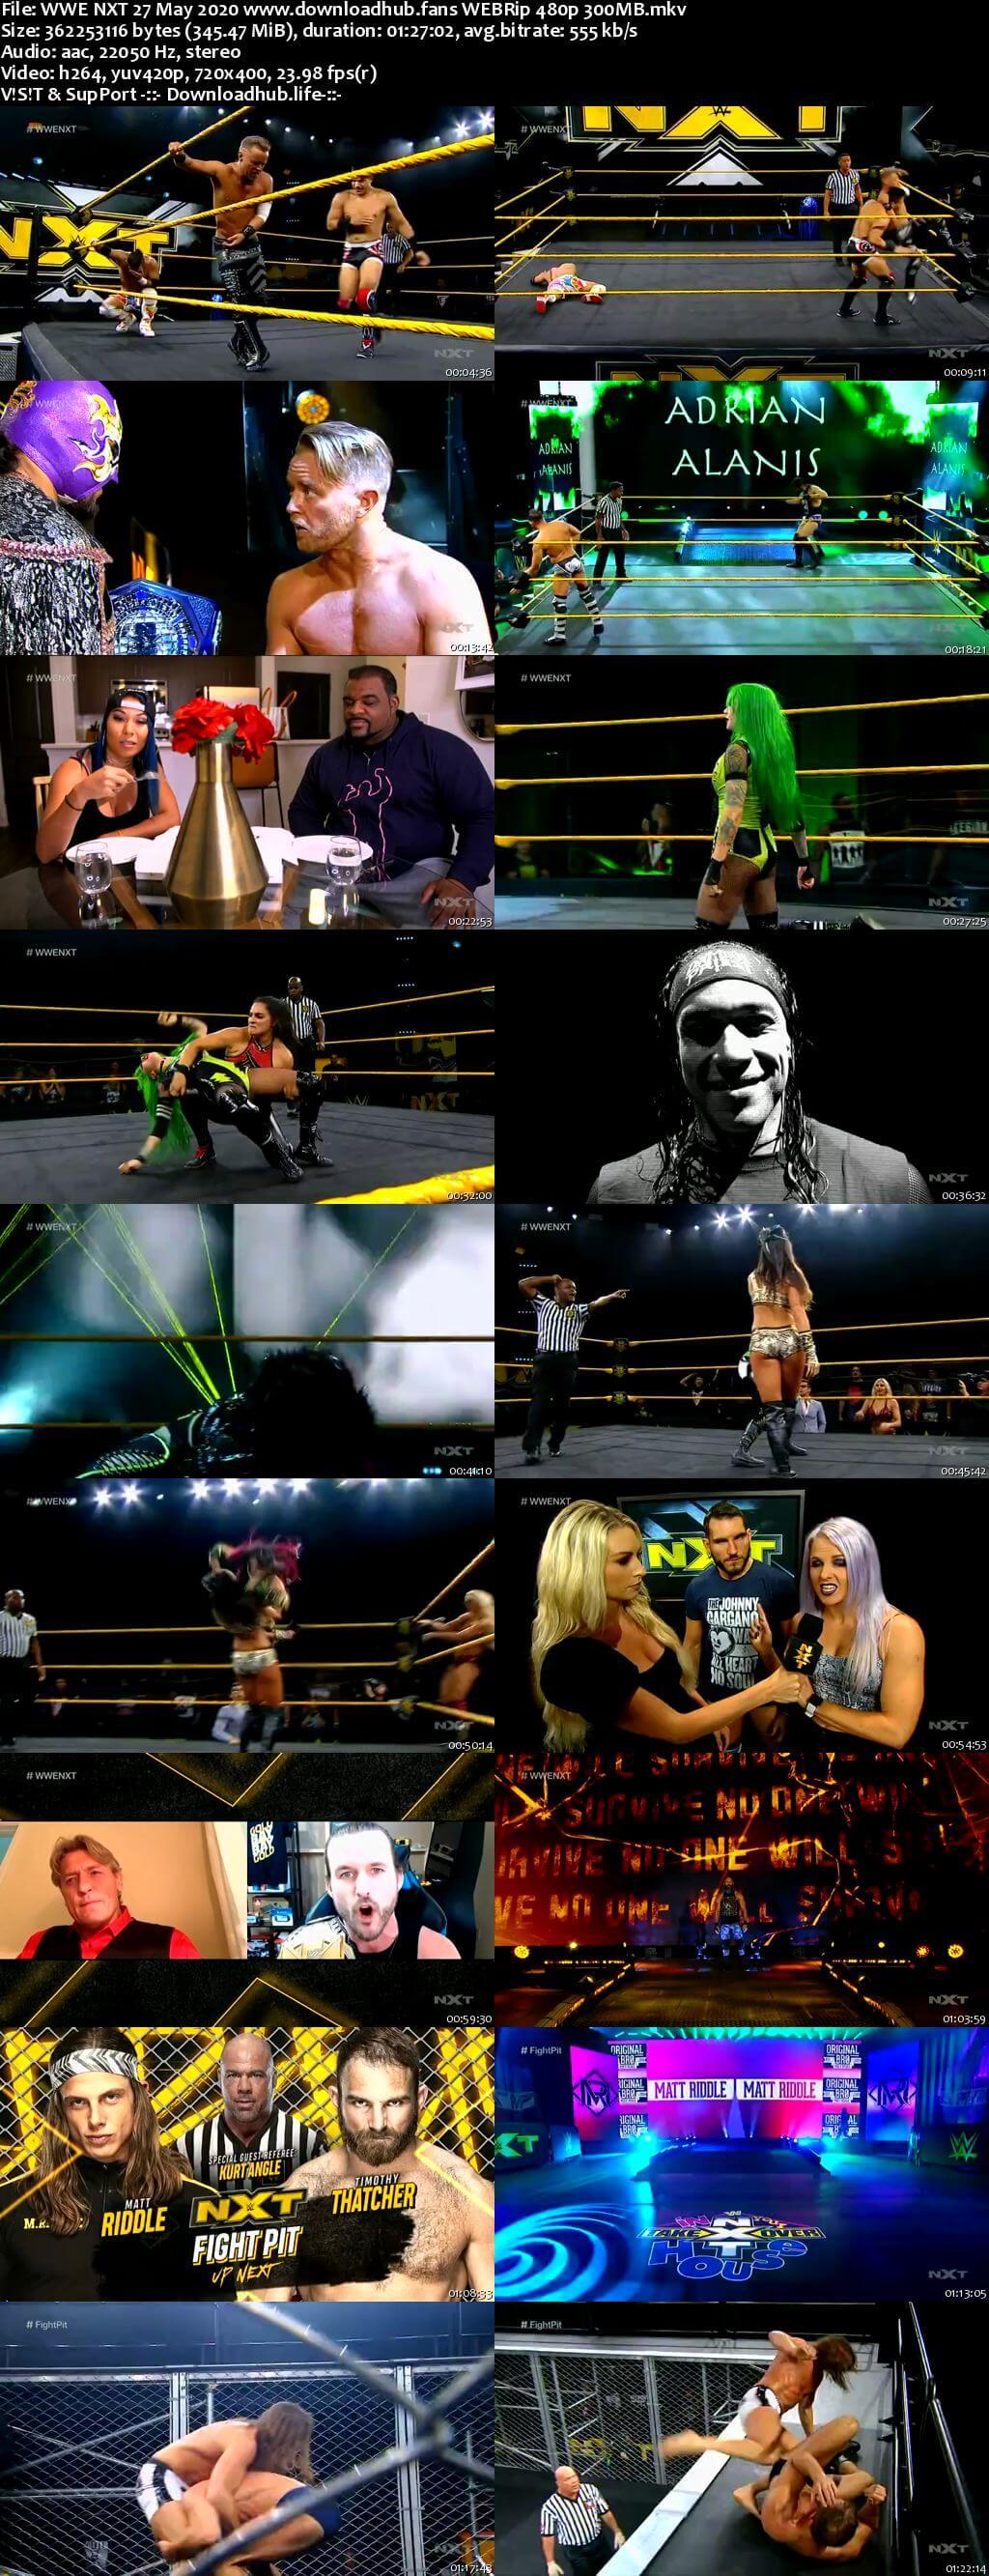 WWE NXT 27th May 2020 350MB HDTV 480p